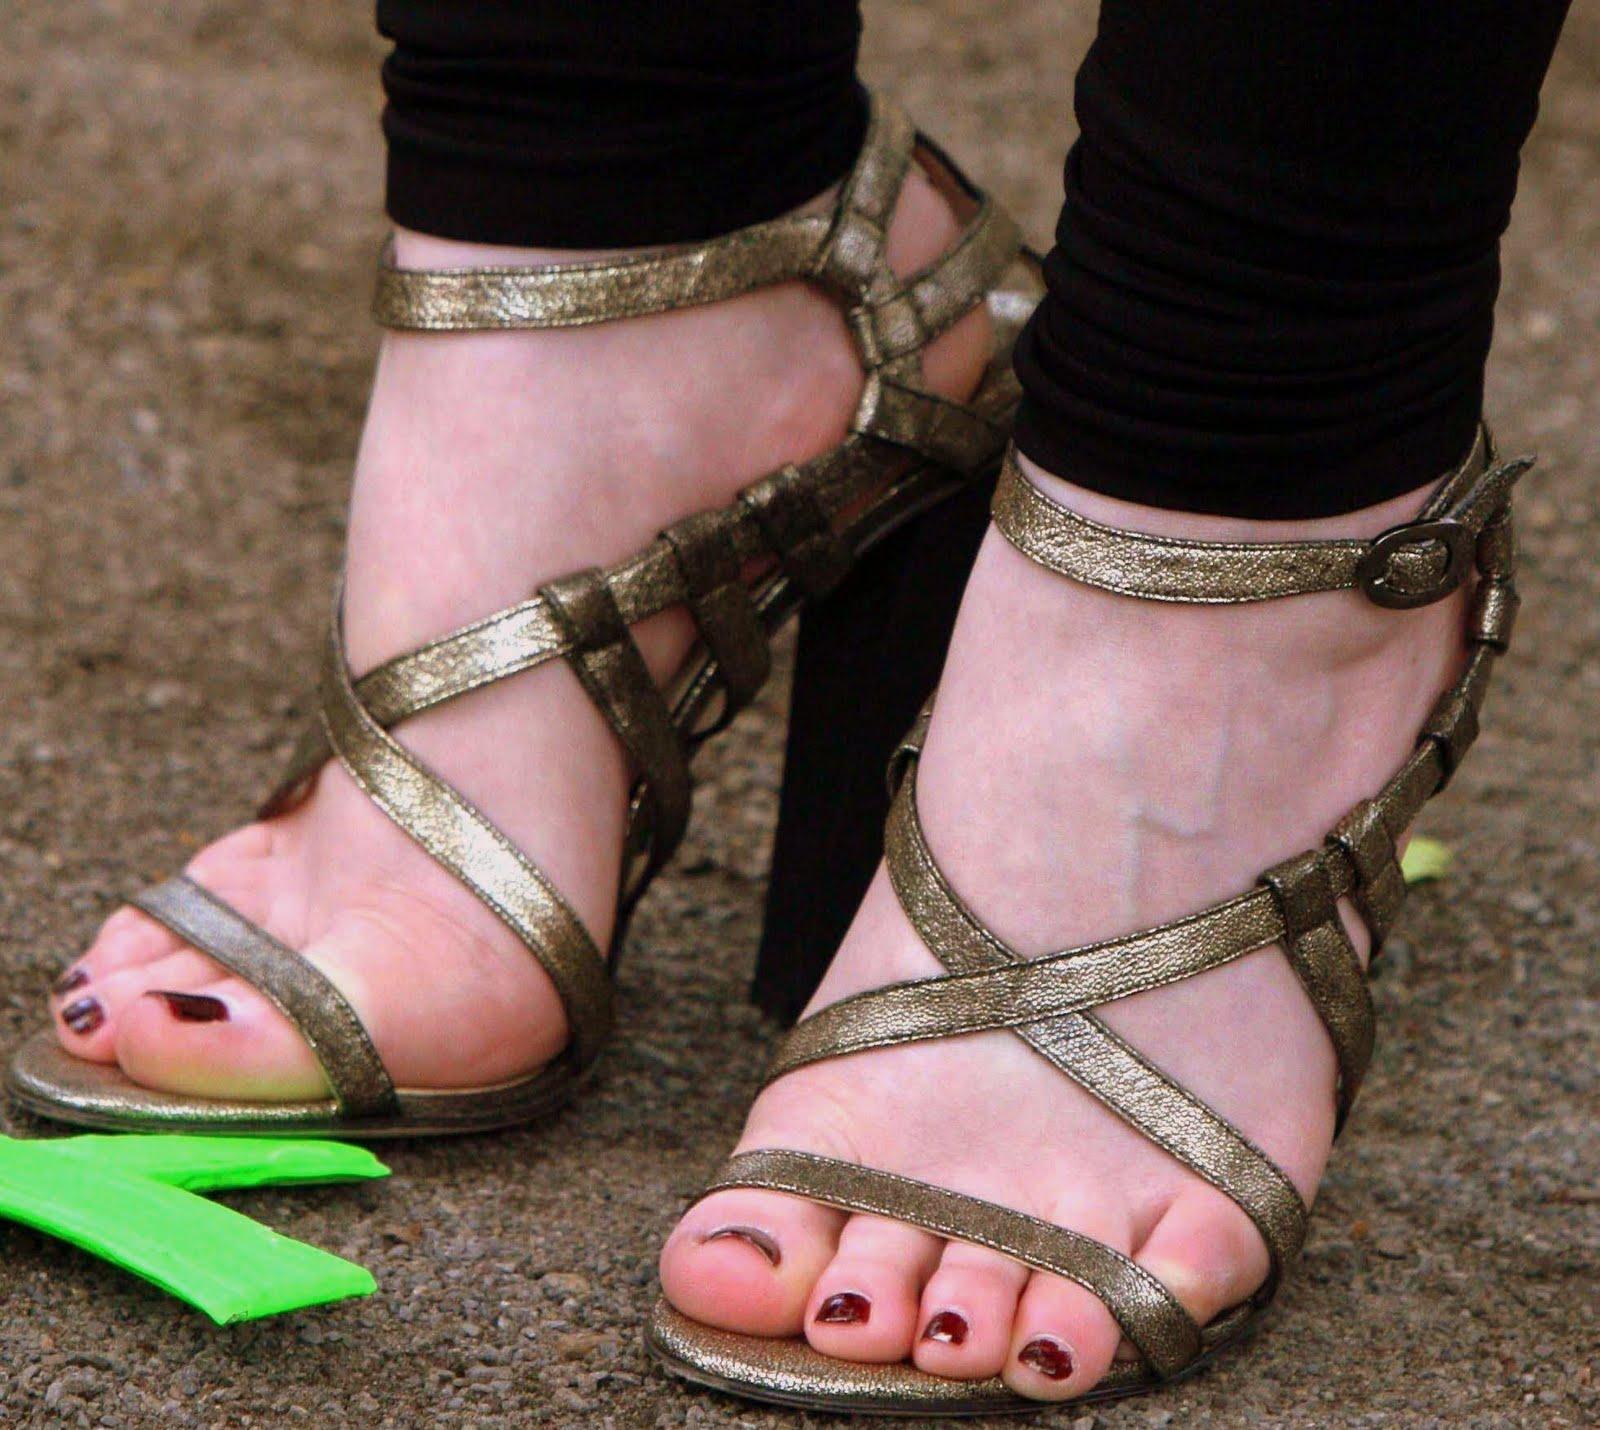 Michelle Trachtenberg Feet Starlight Celebrity